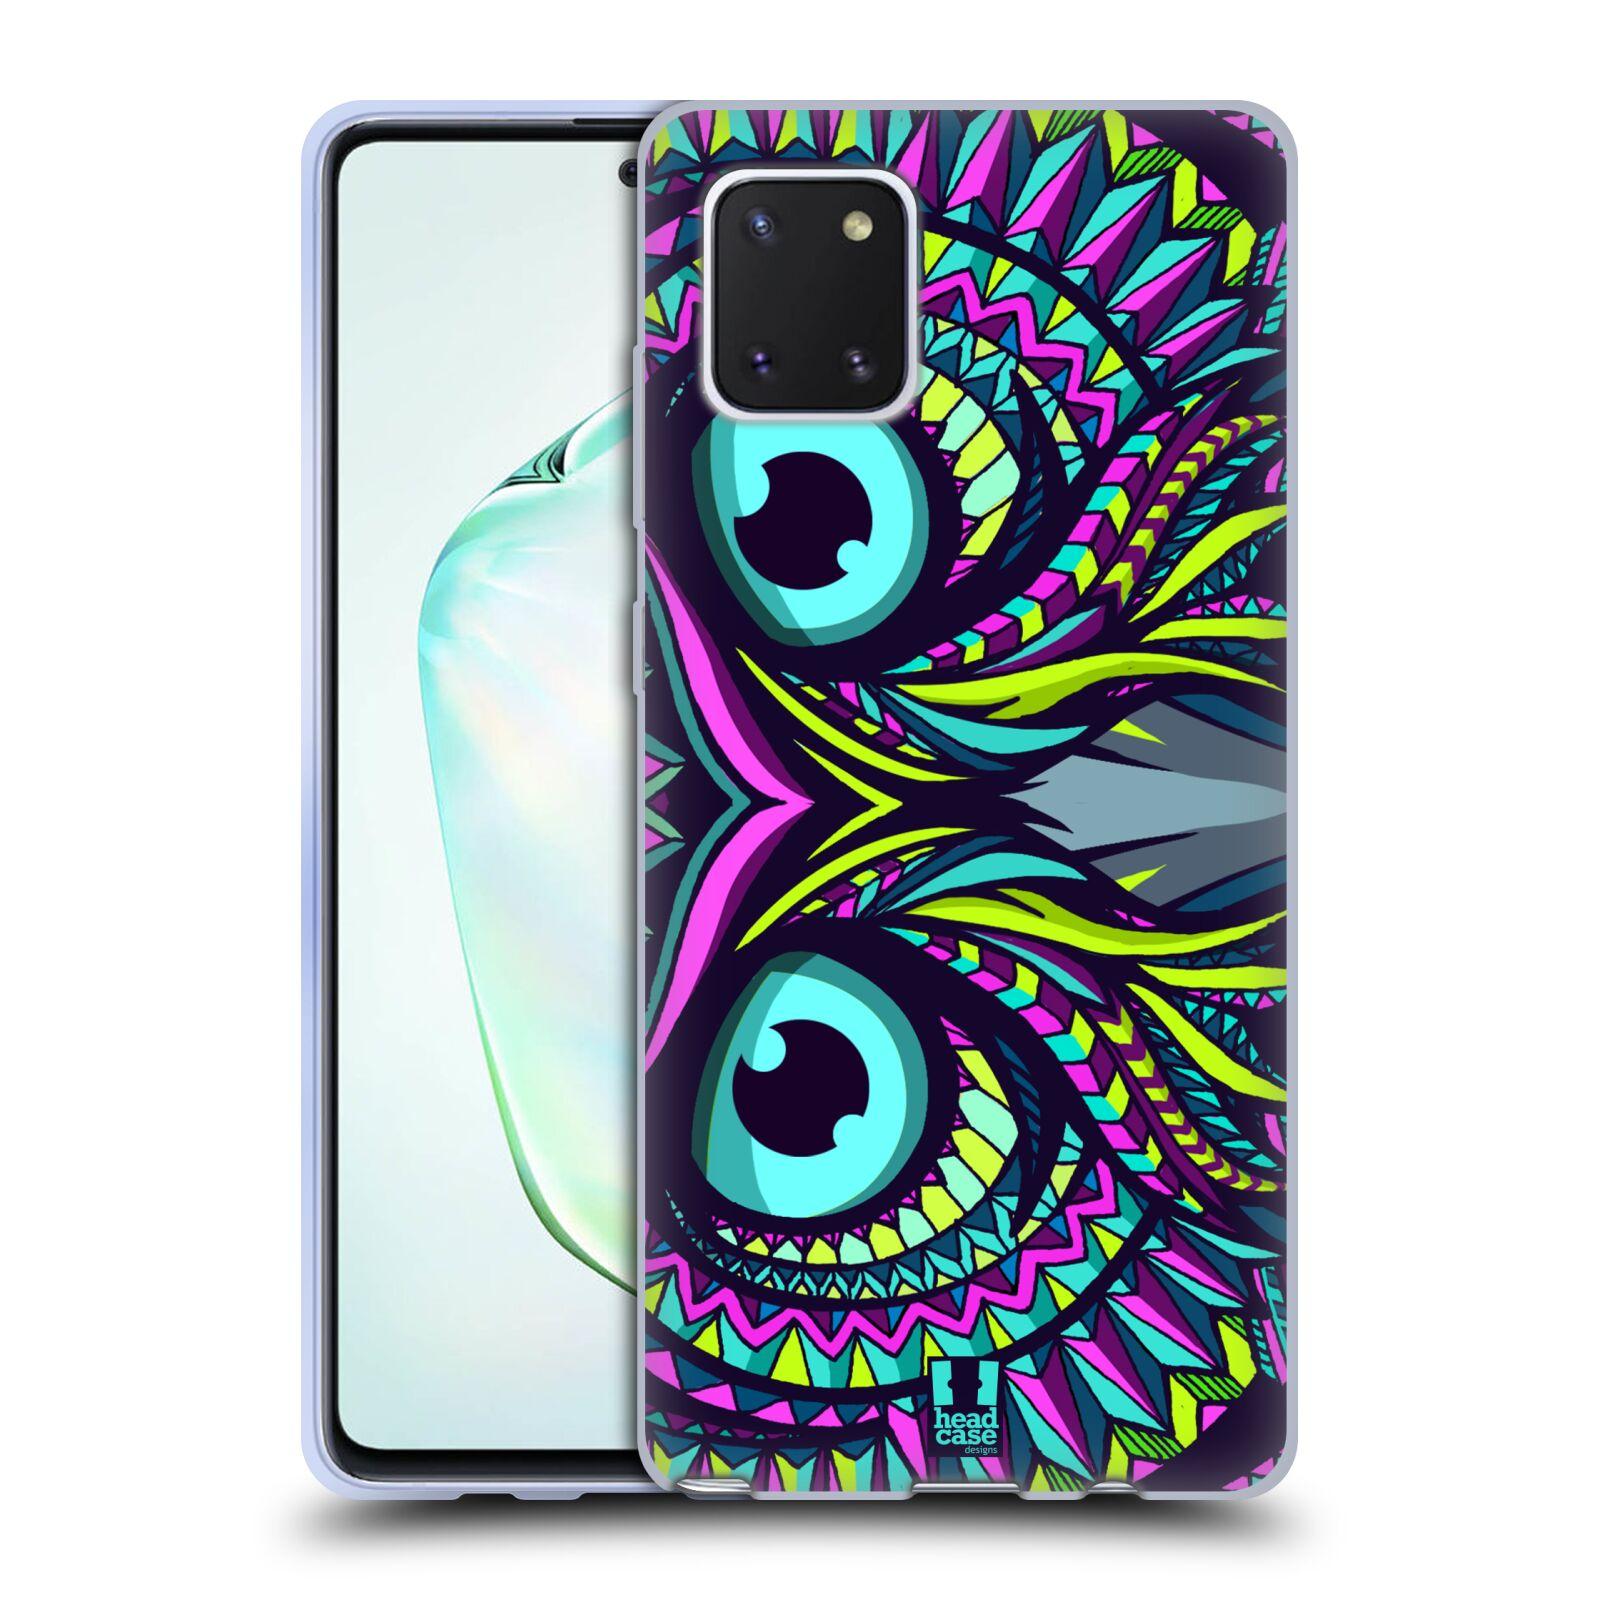 Silikonové pouzdro na mobil Samsung Galaxy Note 10 Lite - Head Case - AZTEC SOVA